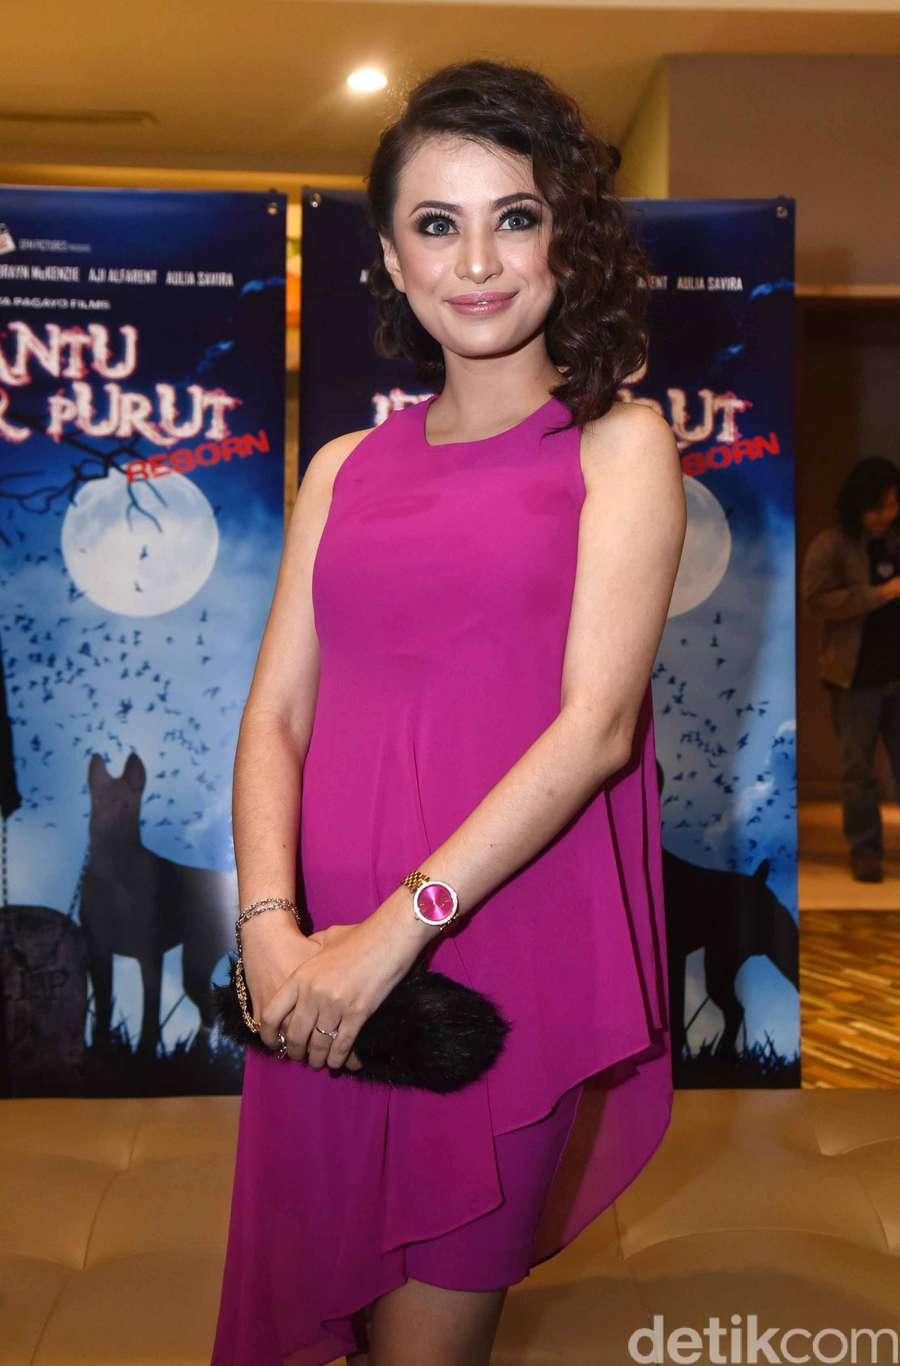 Balik ke Indonesia, Angie Yulia Kangen Main Film Lagi